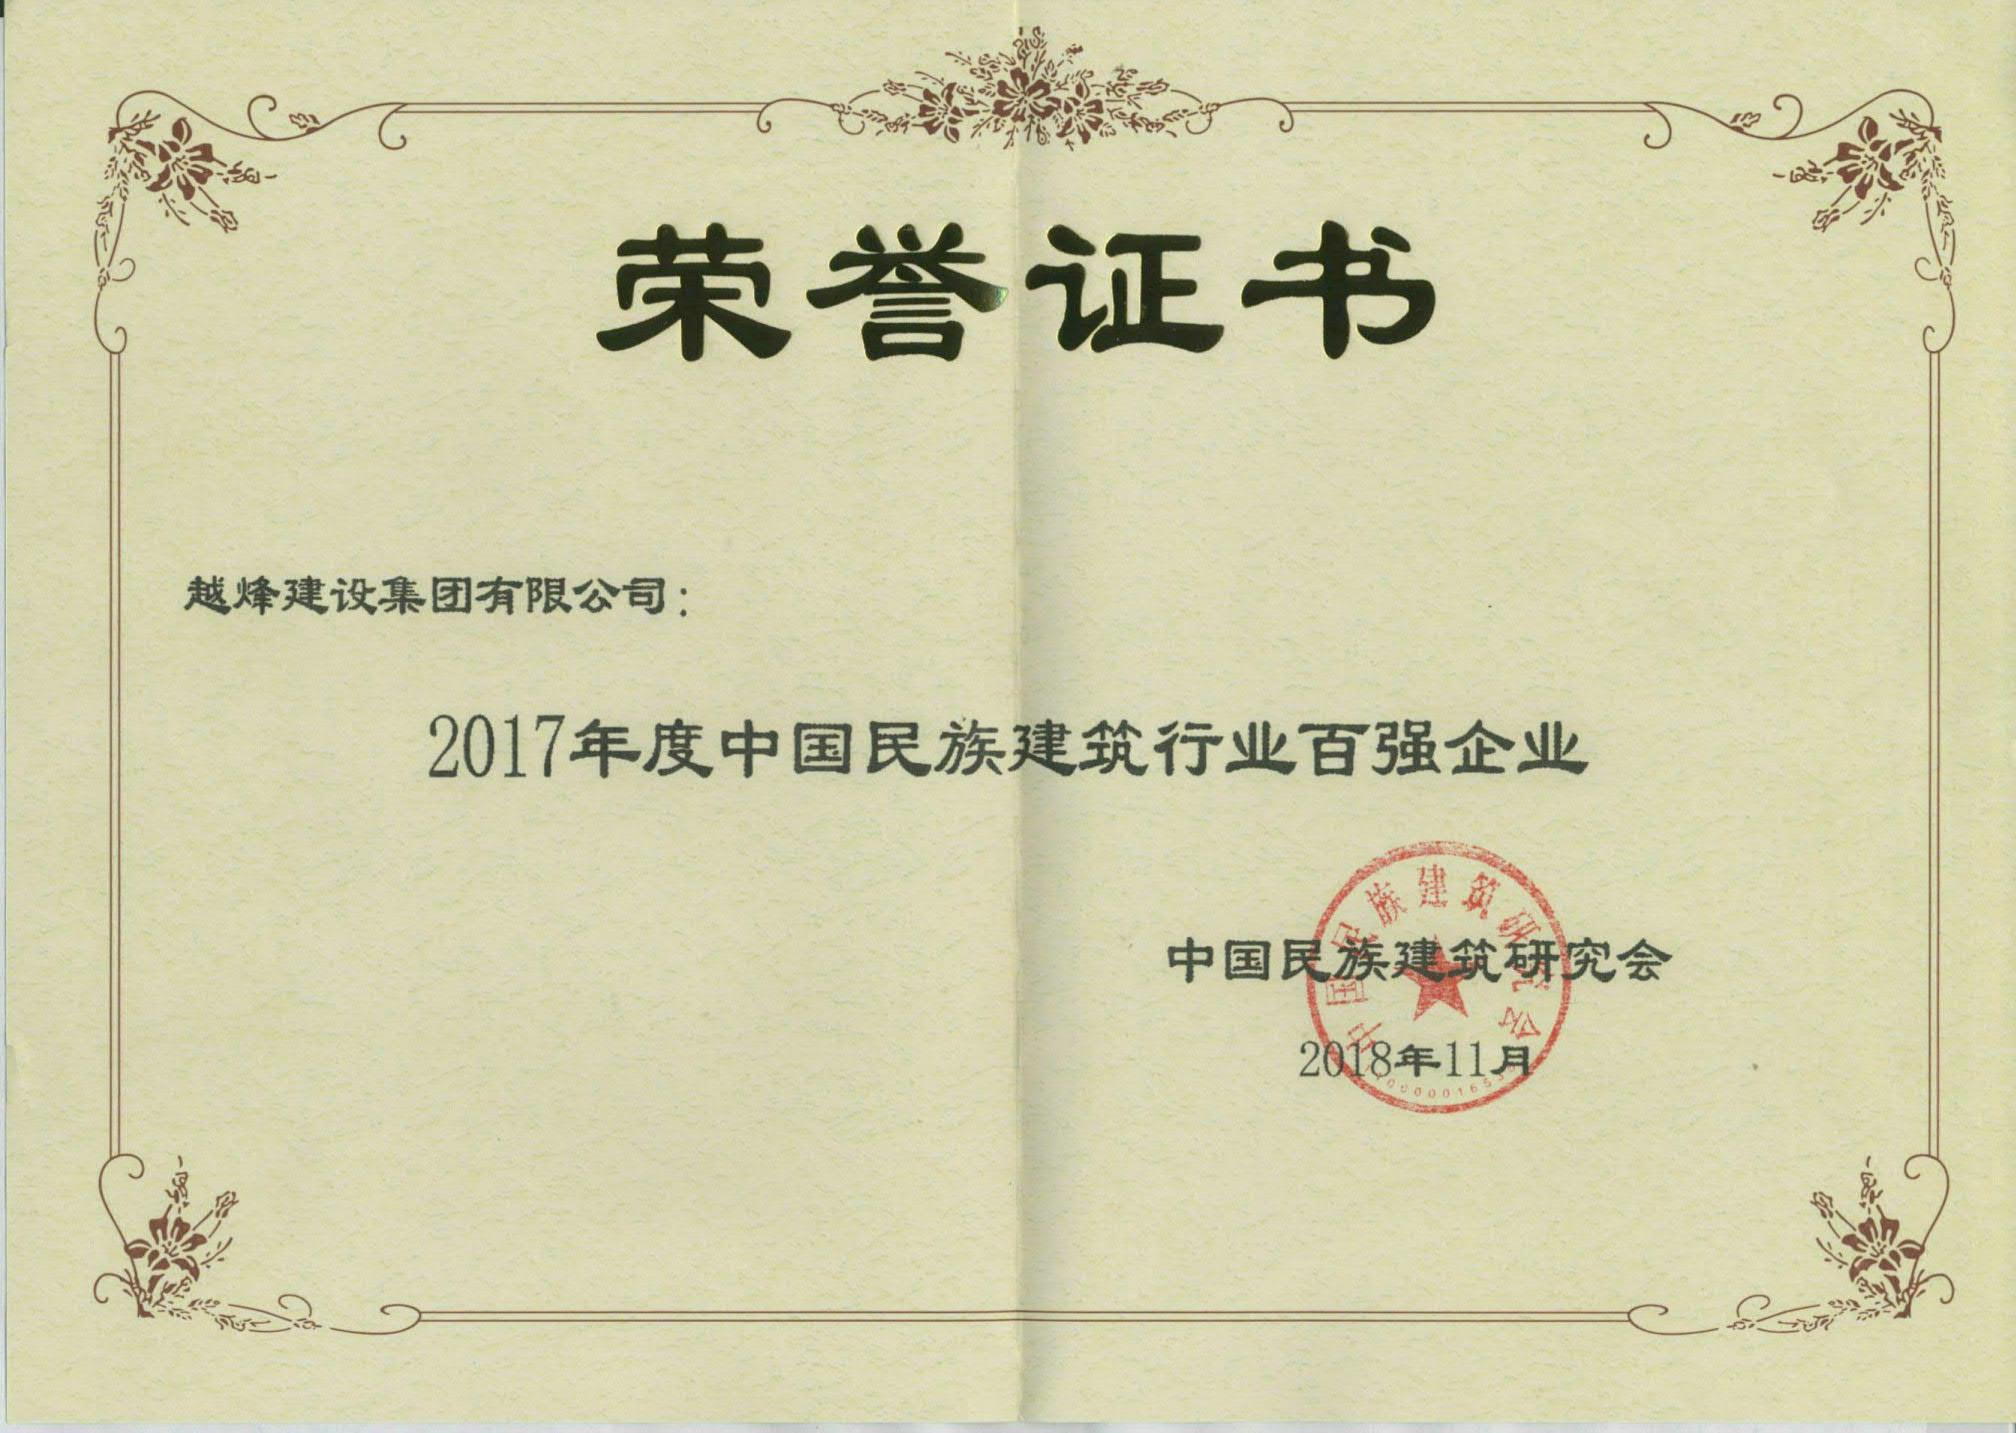 中国民族建筑行业百强企业